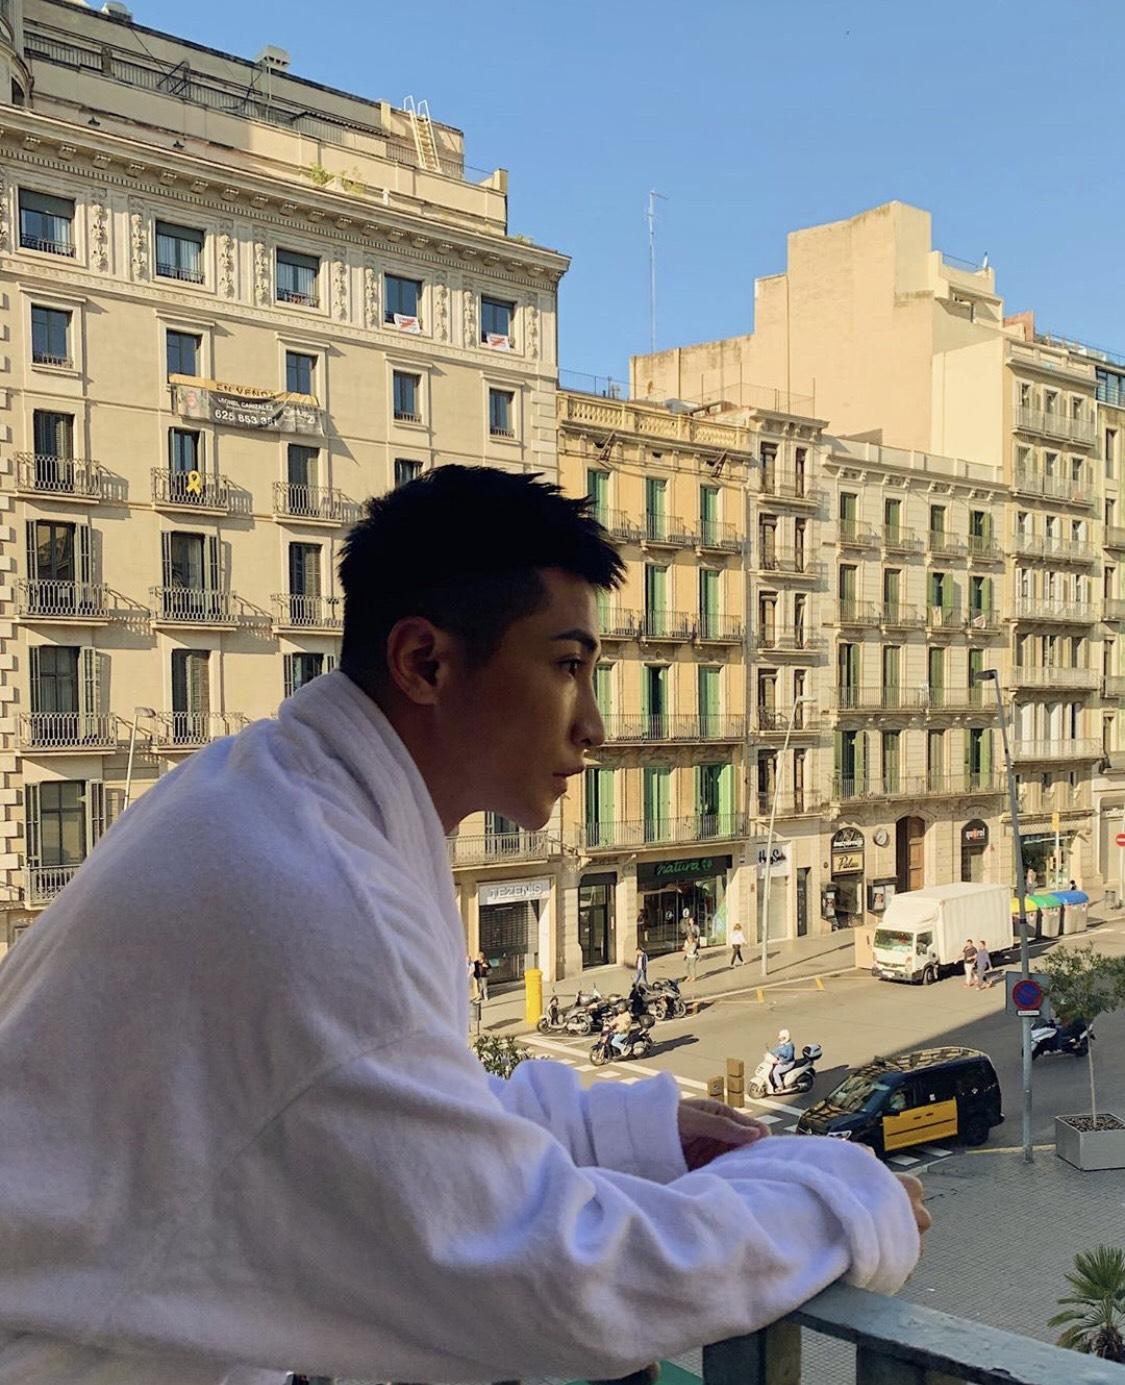 ▲這次透過飯店比價軟體,讓阿蹦順利找到在巴塞隆納鬧區附近的飯店。